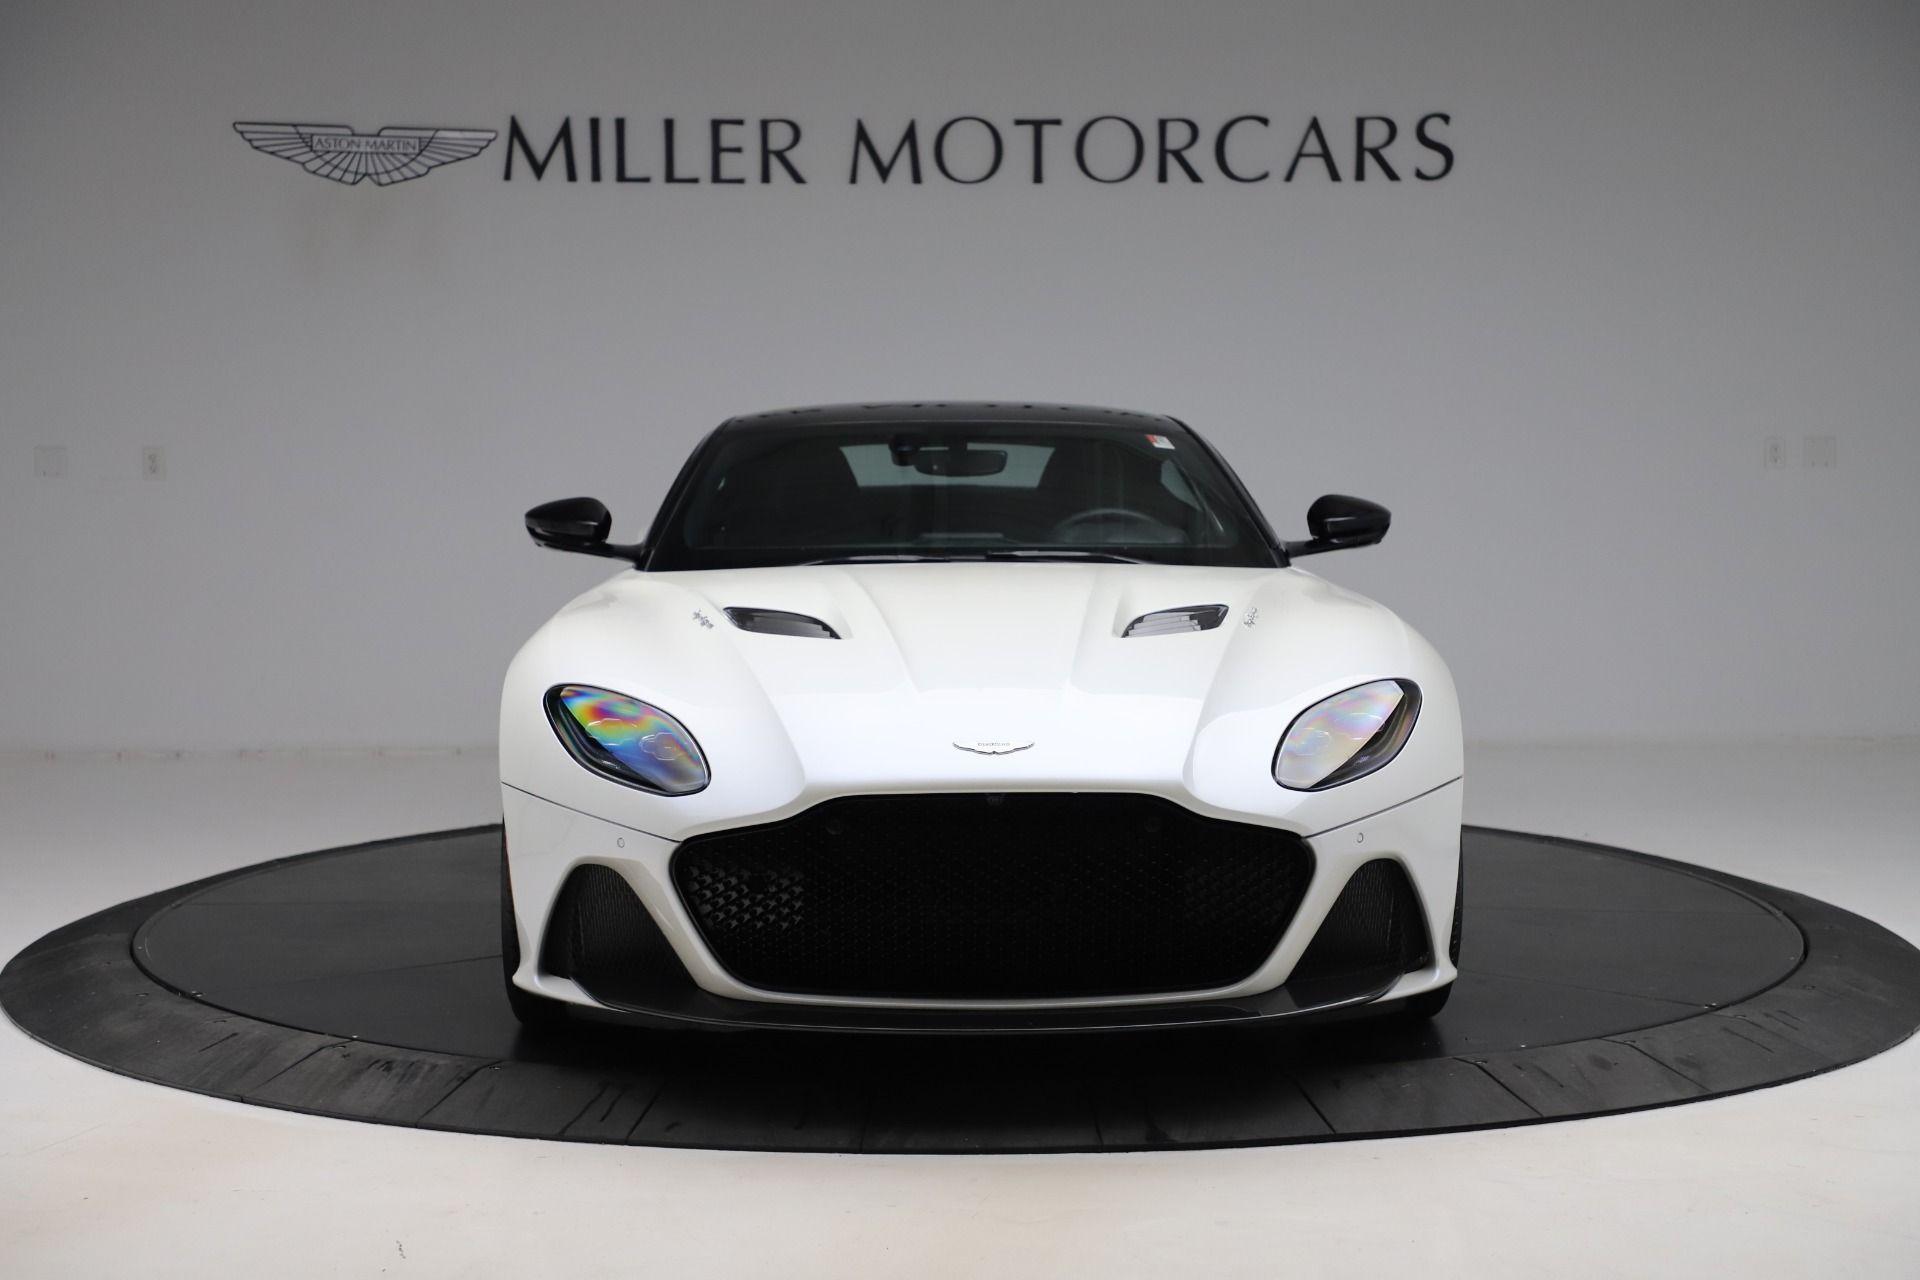 2019 Aston Martin Dbs Superleggera Miller Motorcars United States For Sale On Luxurypulse Aston Martin Dbs Aston Martin Superleggera